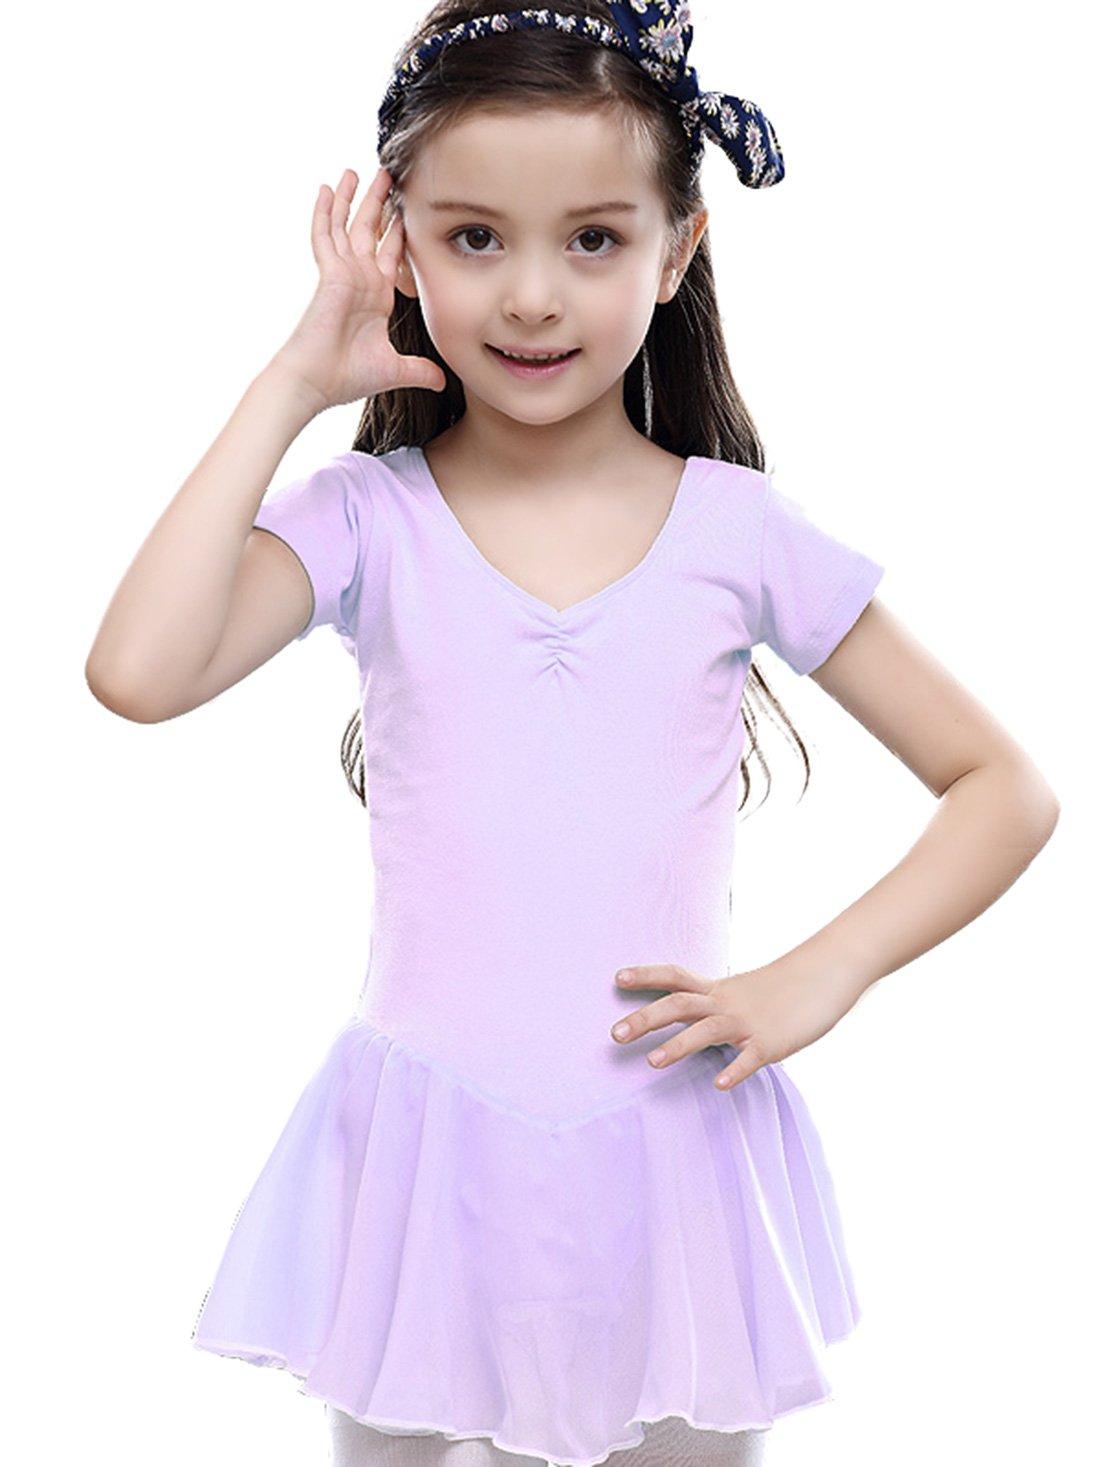 Feoya Mädchen Balletttrikot Kurzarm Ballettkleid Ballettanzug Gymnastikanzug Ballettröckchen Tanzleotard-Gelb